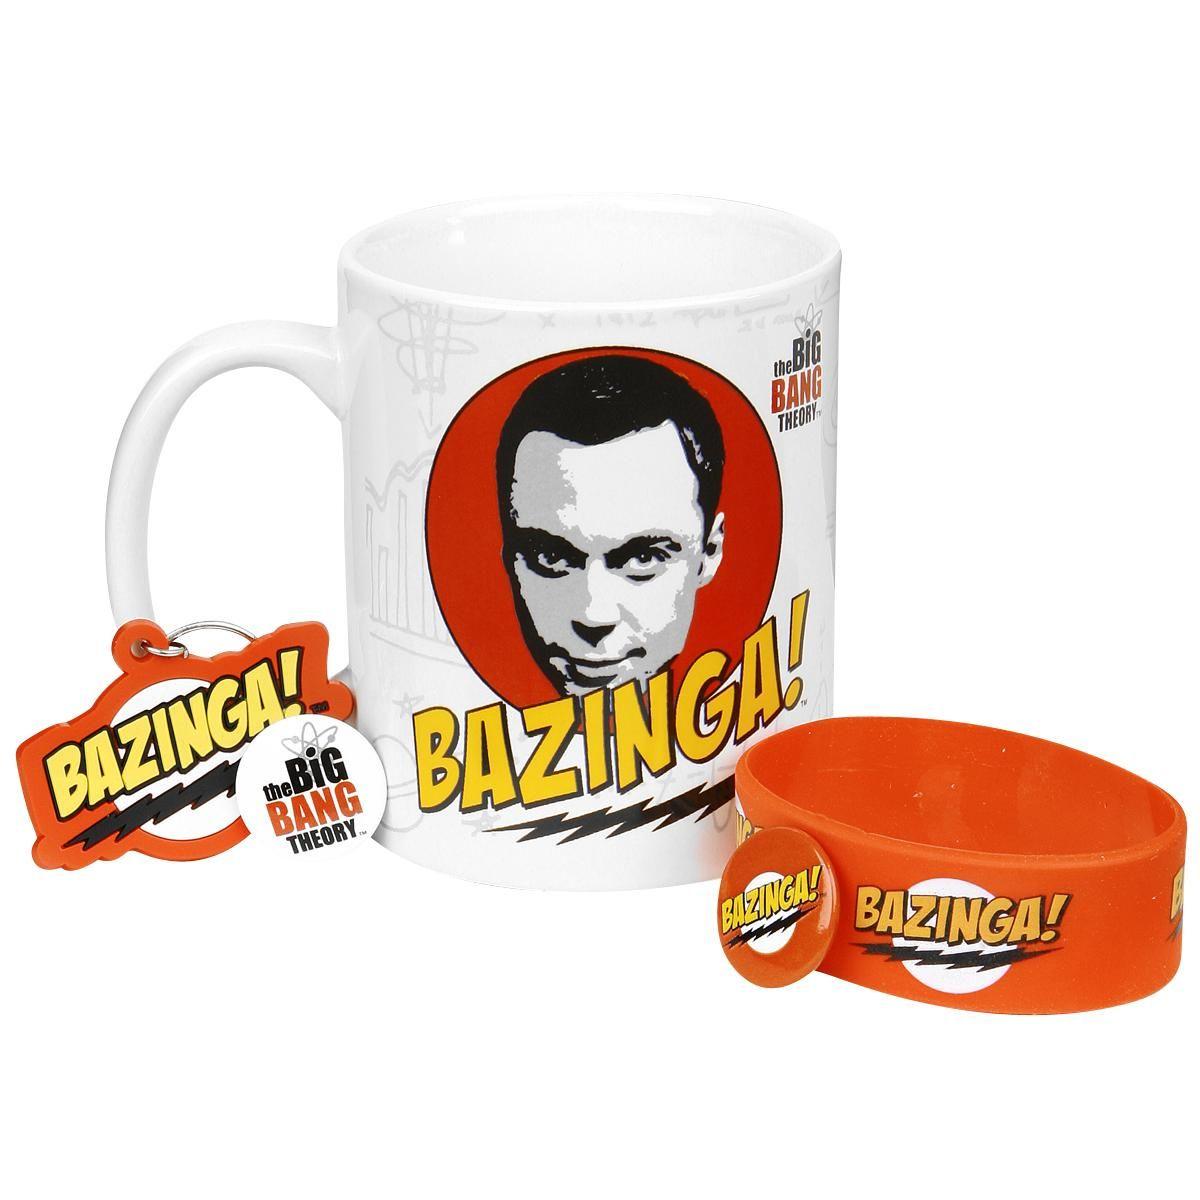 Big Bang Theory -fanipaketti sisältää keraamisen mukin, silikonirannekkeen, avaimenperän ja kaksi rintanappia. Keraamisen Bazinga-mukin tilavuus on n. 0,3 litraa.